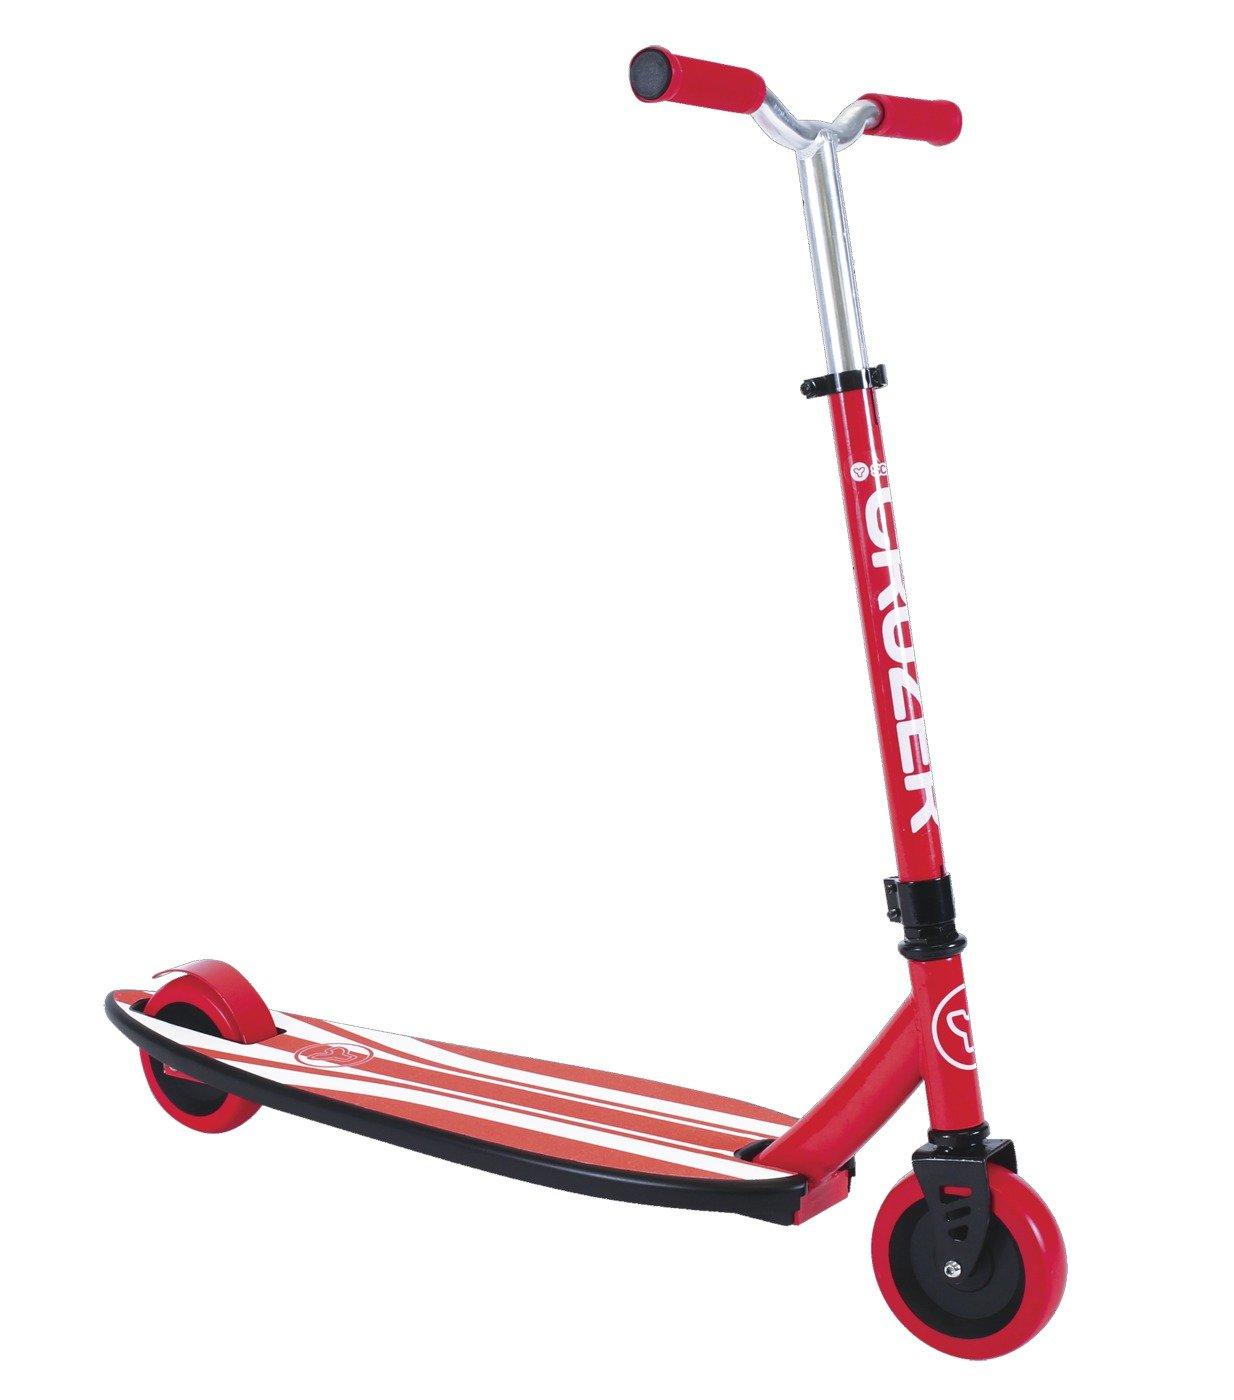 【送料無料キャンペーン?】 Yvolution Y Scoot Scoot Cruzer Skateboard, Red by Y by Yvolution B00OXUQP3Y, イシバシ楽器 WEB SHOP:f78328f8 --- a0267596.xsph.ru